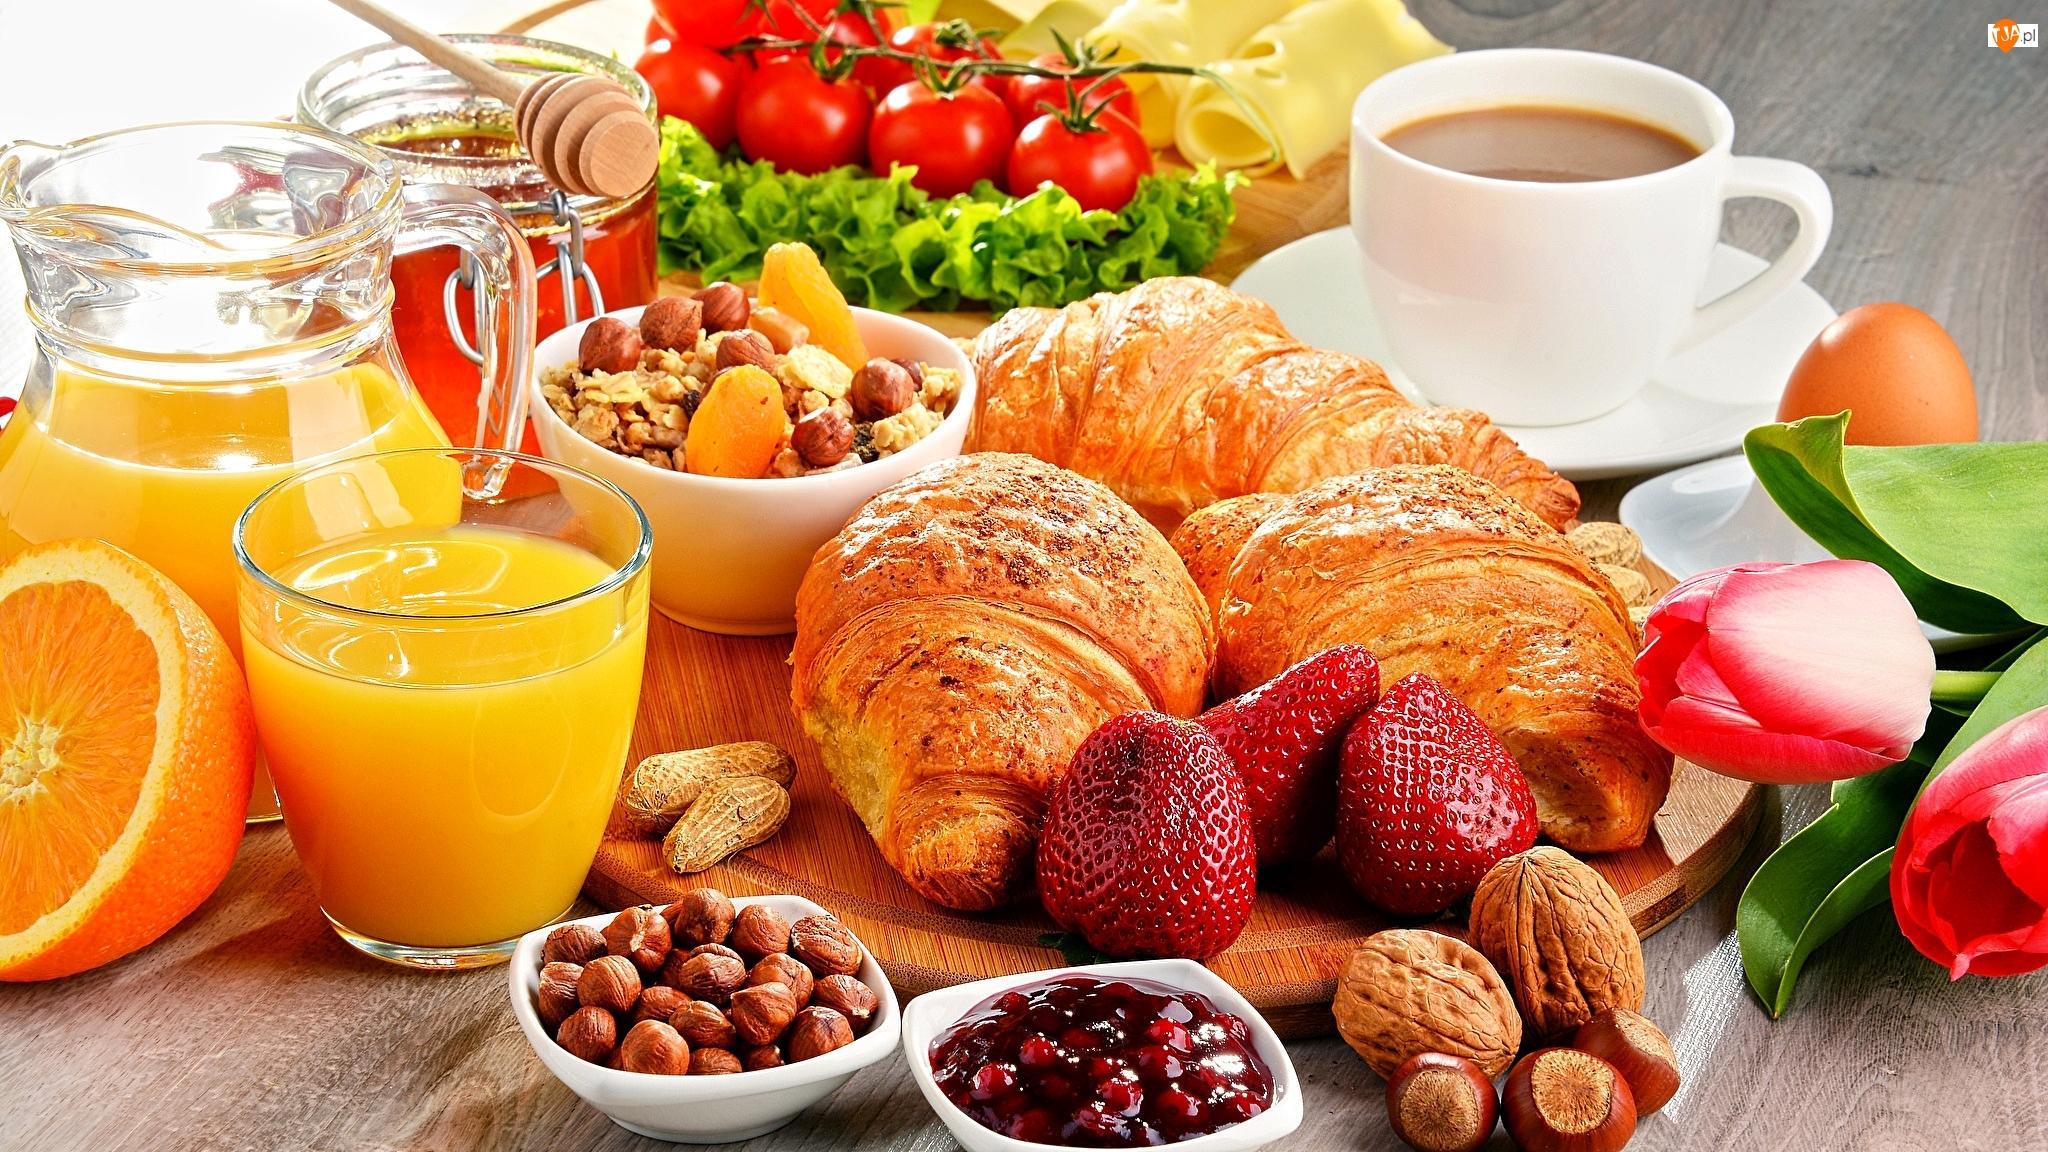 Miód, Rogaliki, Pomarańczowy, Tulipany, Filiżanka, Śniadanie, Truskawki, Sok, Croissanty, Orzechy, Szklanka, Kawa